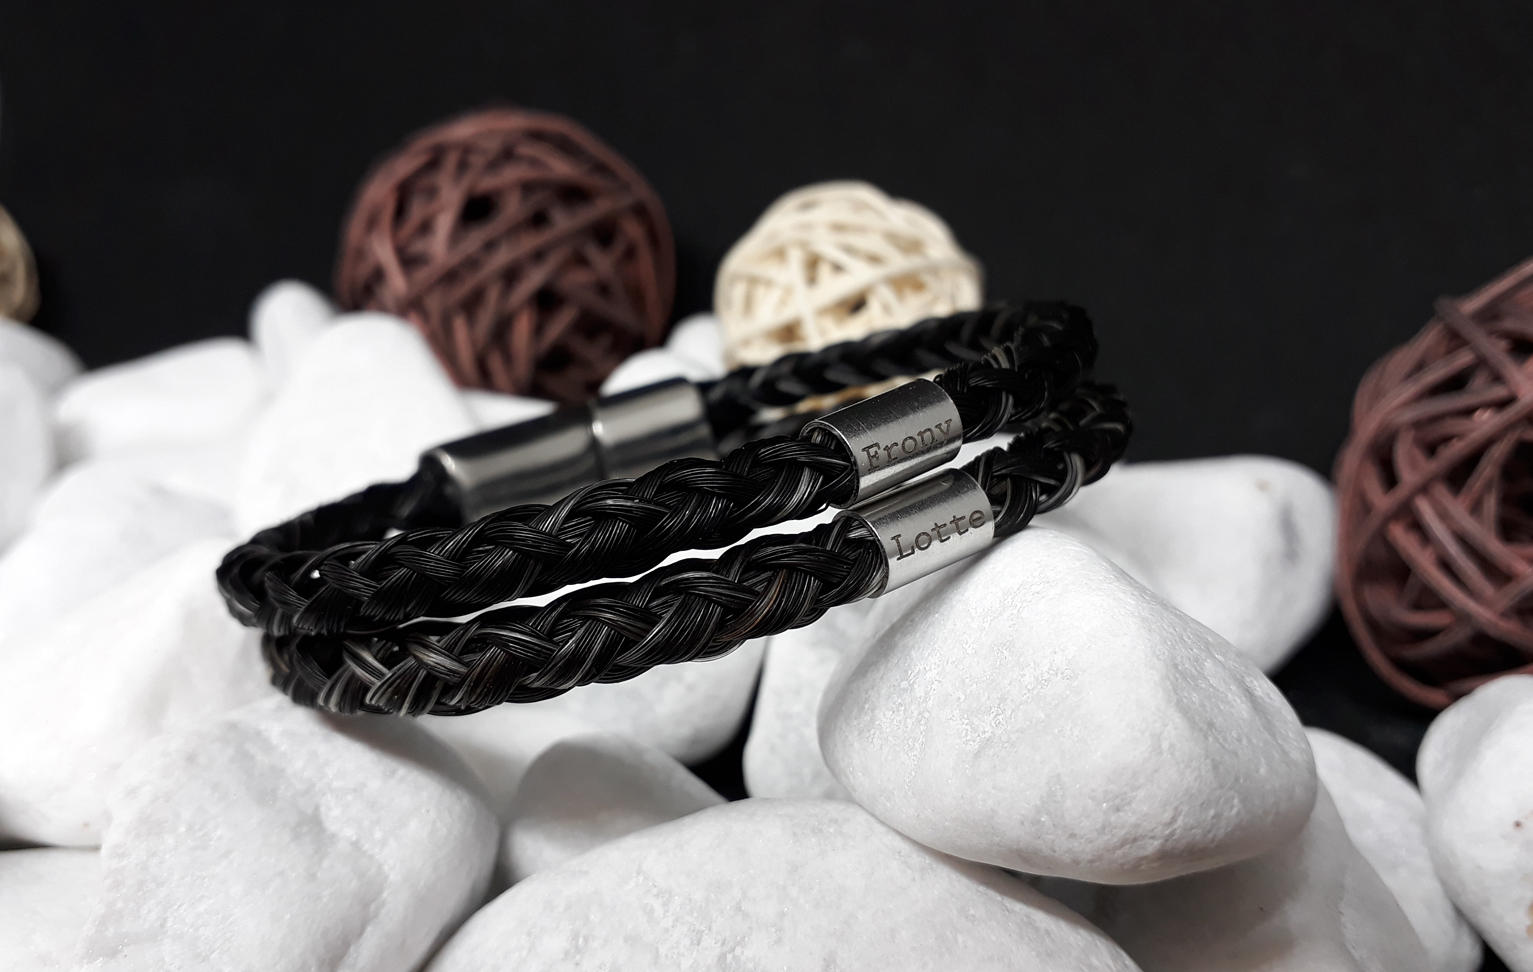 Doppelt rund geflochtenes Armband aus 6 dicken Strängen mit je zwei Edelstahl Hülsen (dick) mit Gravur, mit Edelstahl-Magnet-Schiebeverschluss - Preis: 94 Euro